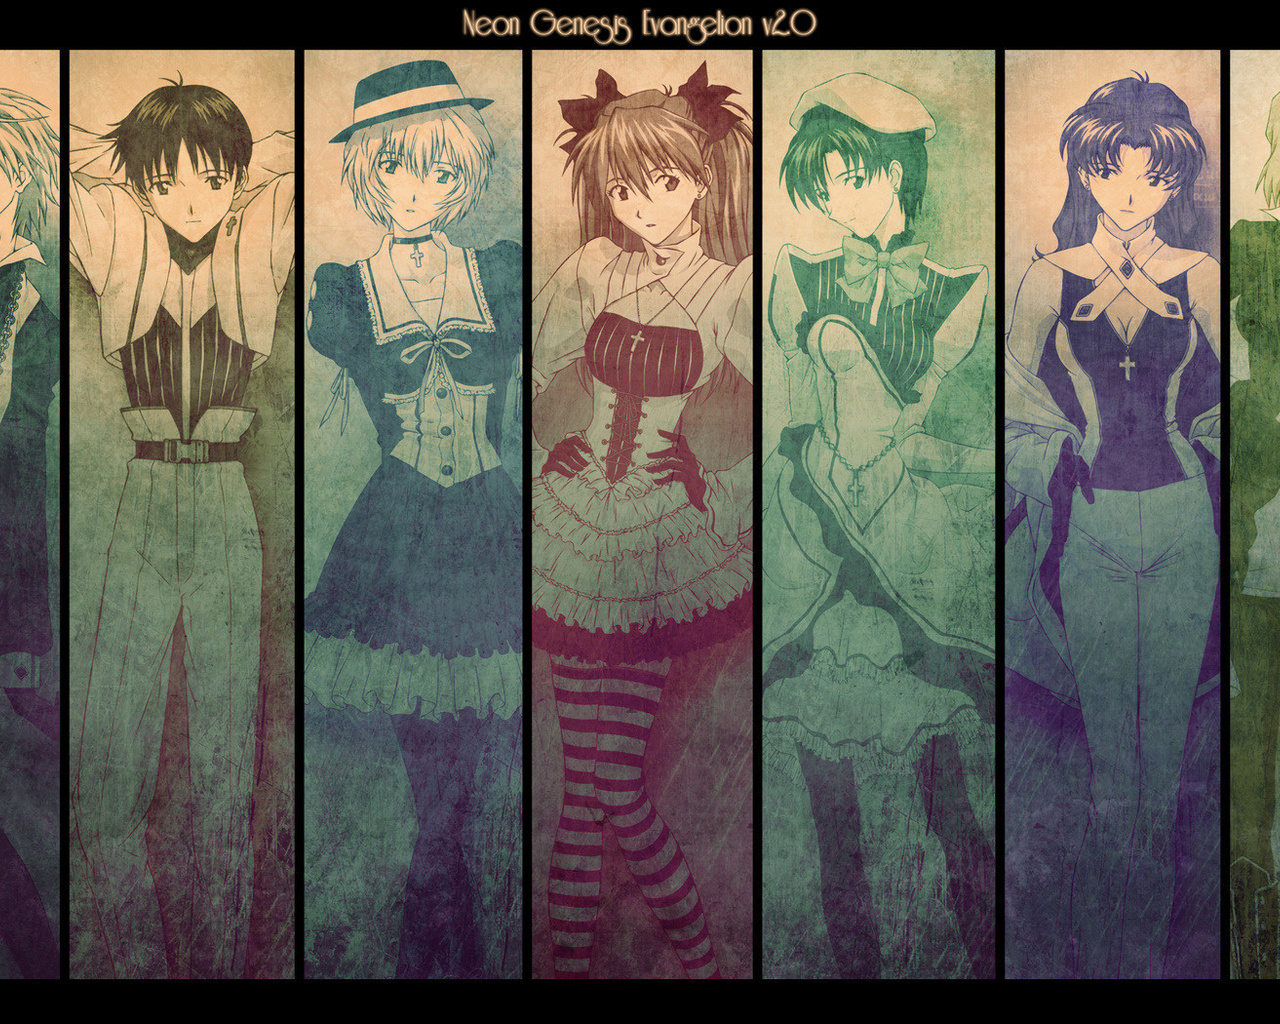 аниме, evangelion, персонажи, asuka langley, rei ayanami